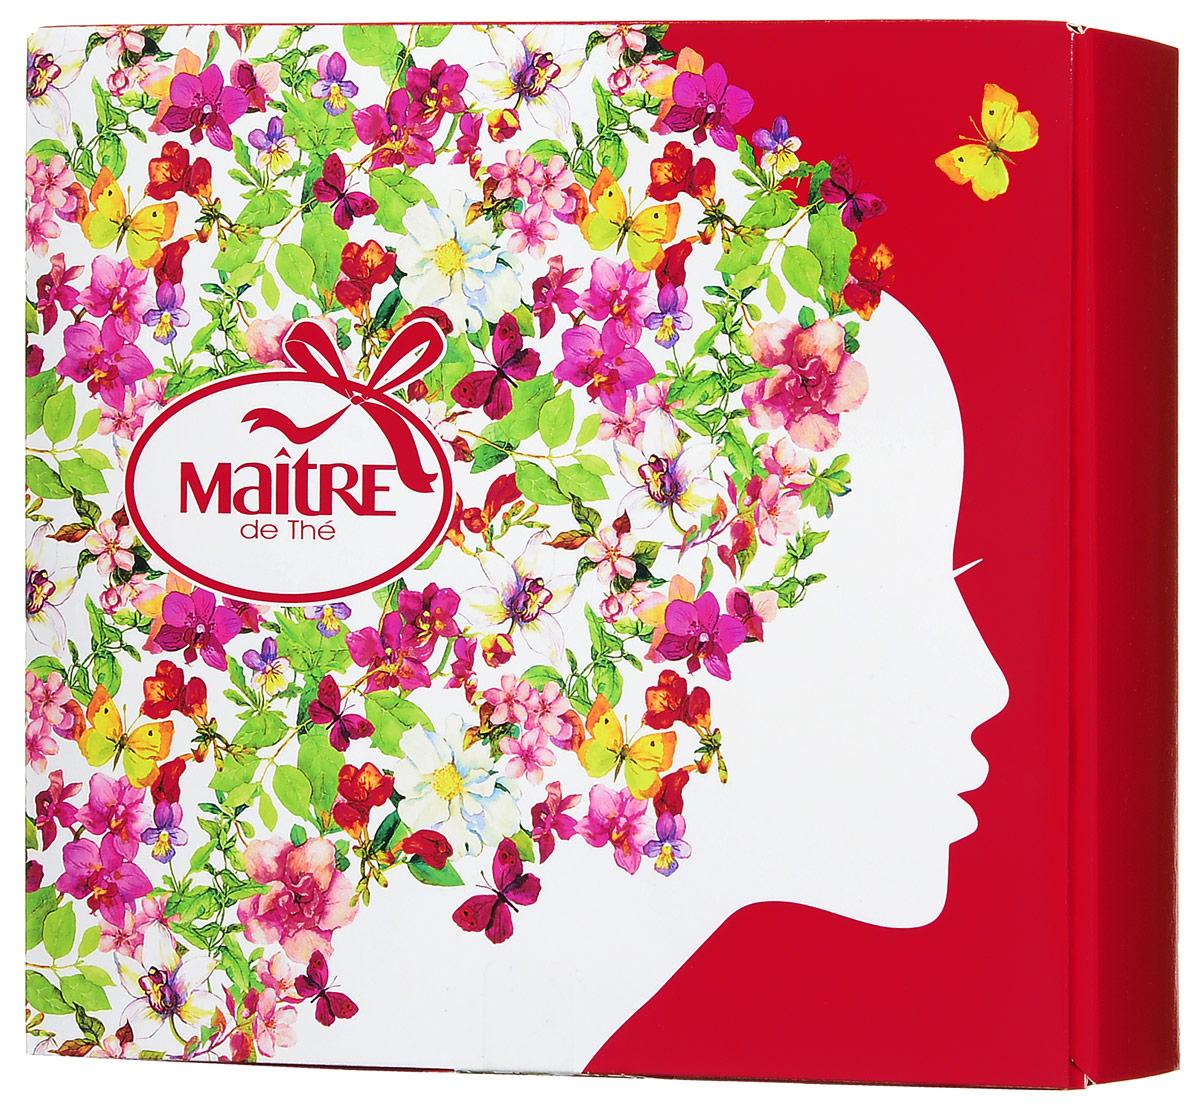 Maitre С праздником весны! черный листовой чай и печенье, 61 гбаж051Подарочный набор С праздником весны! порадует и удивит любую женщину. Внутри яркой коробки, украшенной цветочным рисунком, находится черный кенийский чай (25 г) и песочное печенье с корицей и яблоком (36 г). Жаркий, ароматный и нежный чай собран со склонов Великой Рифтовой Долины в Кении. Чай обладает мягким и насыщенным вкусом, с характерным оттенком муската. Безупречное сочетание вкусов разбудит вас светлым весенним утром или создаст романтичную атмосферу свежего, наполненного весенними ароматами вечера.